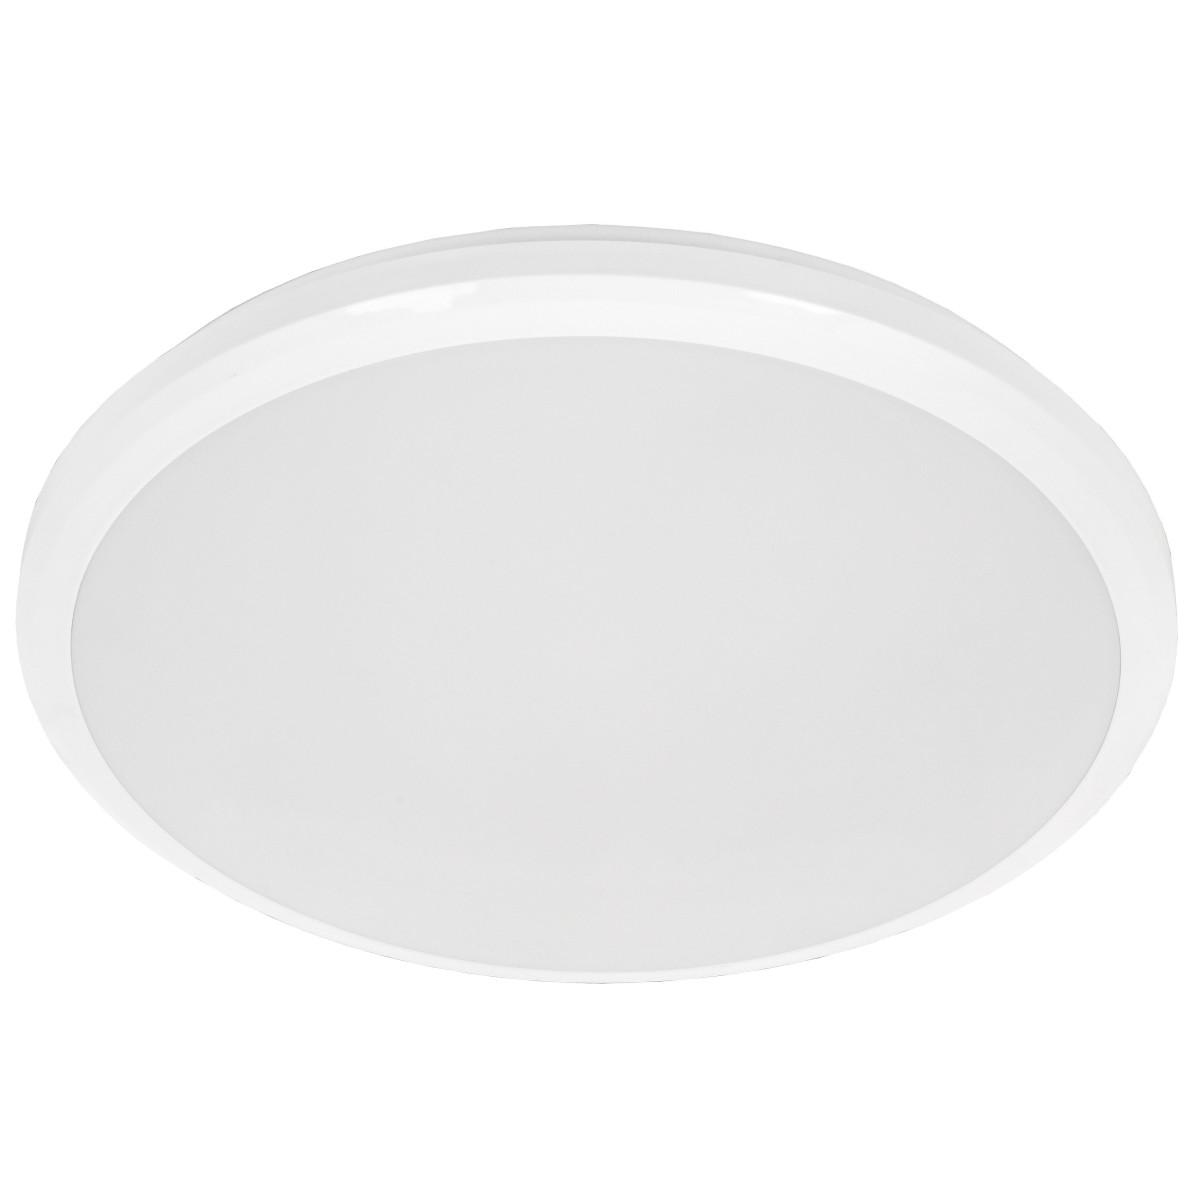 Светильник светодиодный ДПБ 3007 32 Вт IP54 накладной круг цвет белый